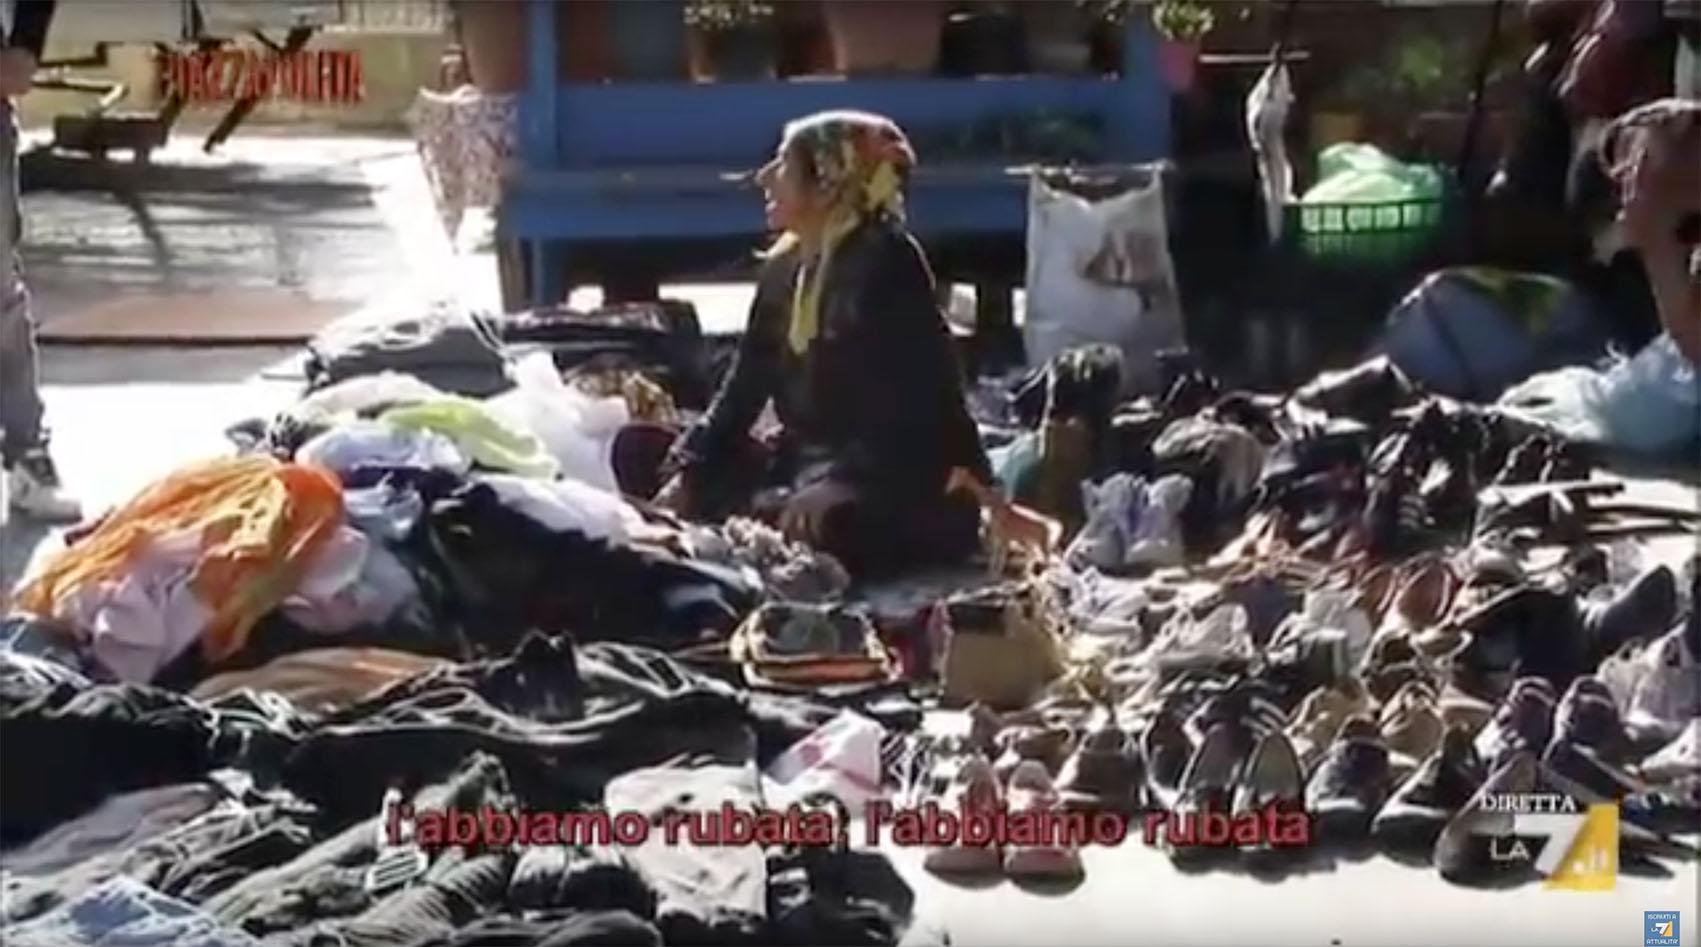 中国 罗马/当记者询问这位妇女这些衣服和鞋子是怎么来的,这位妇女用标准...